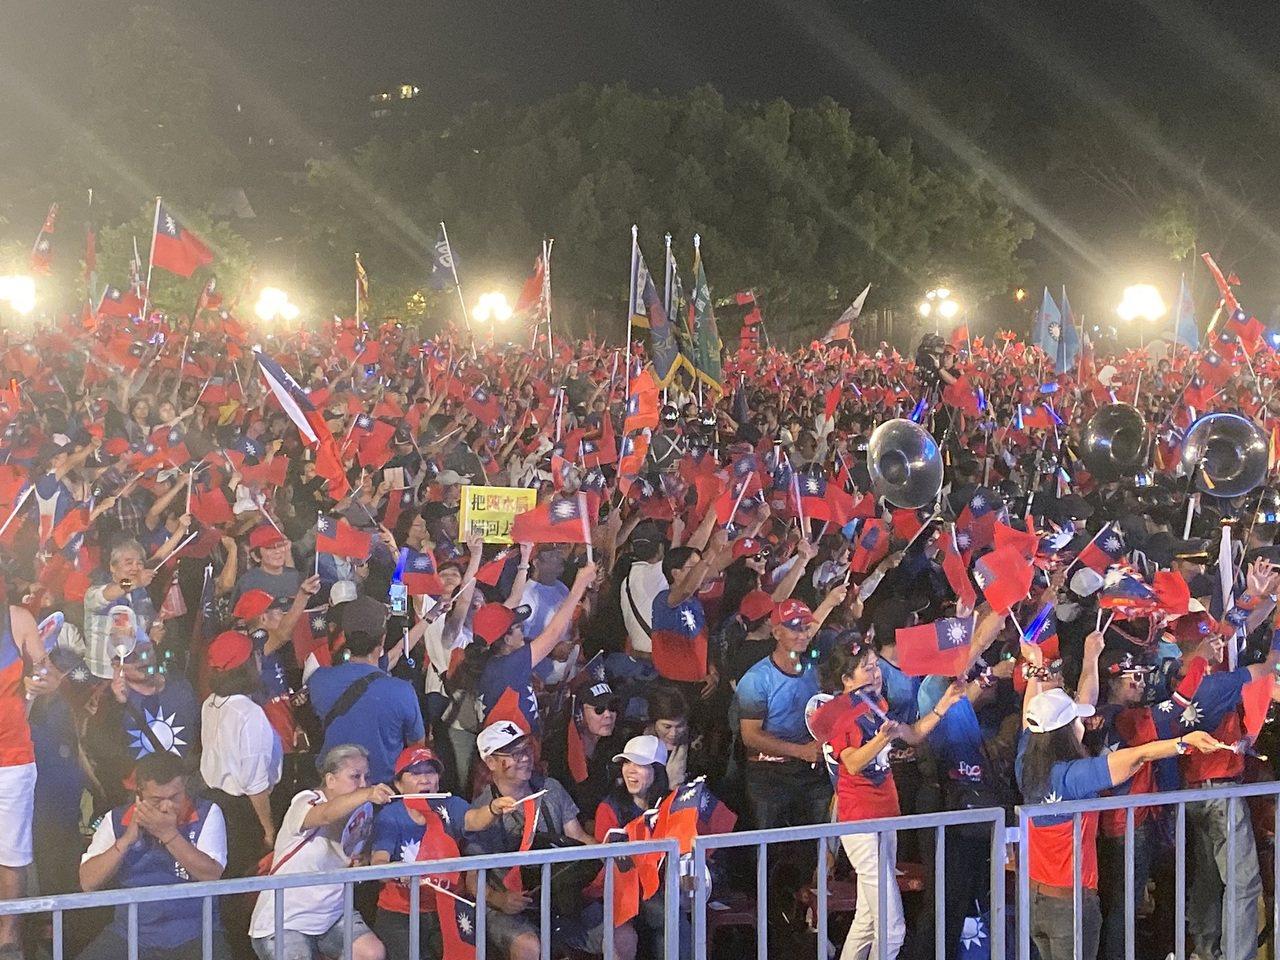 韓國瑜今晚在台南水萍塭公園舉辦造勢晚會。記者鄭維真/攝影